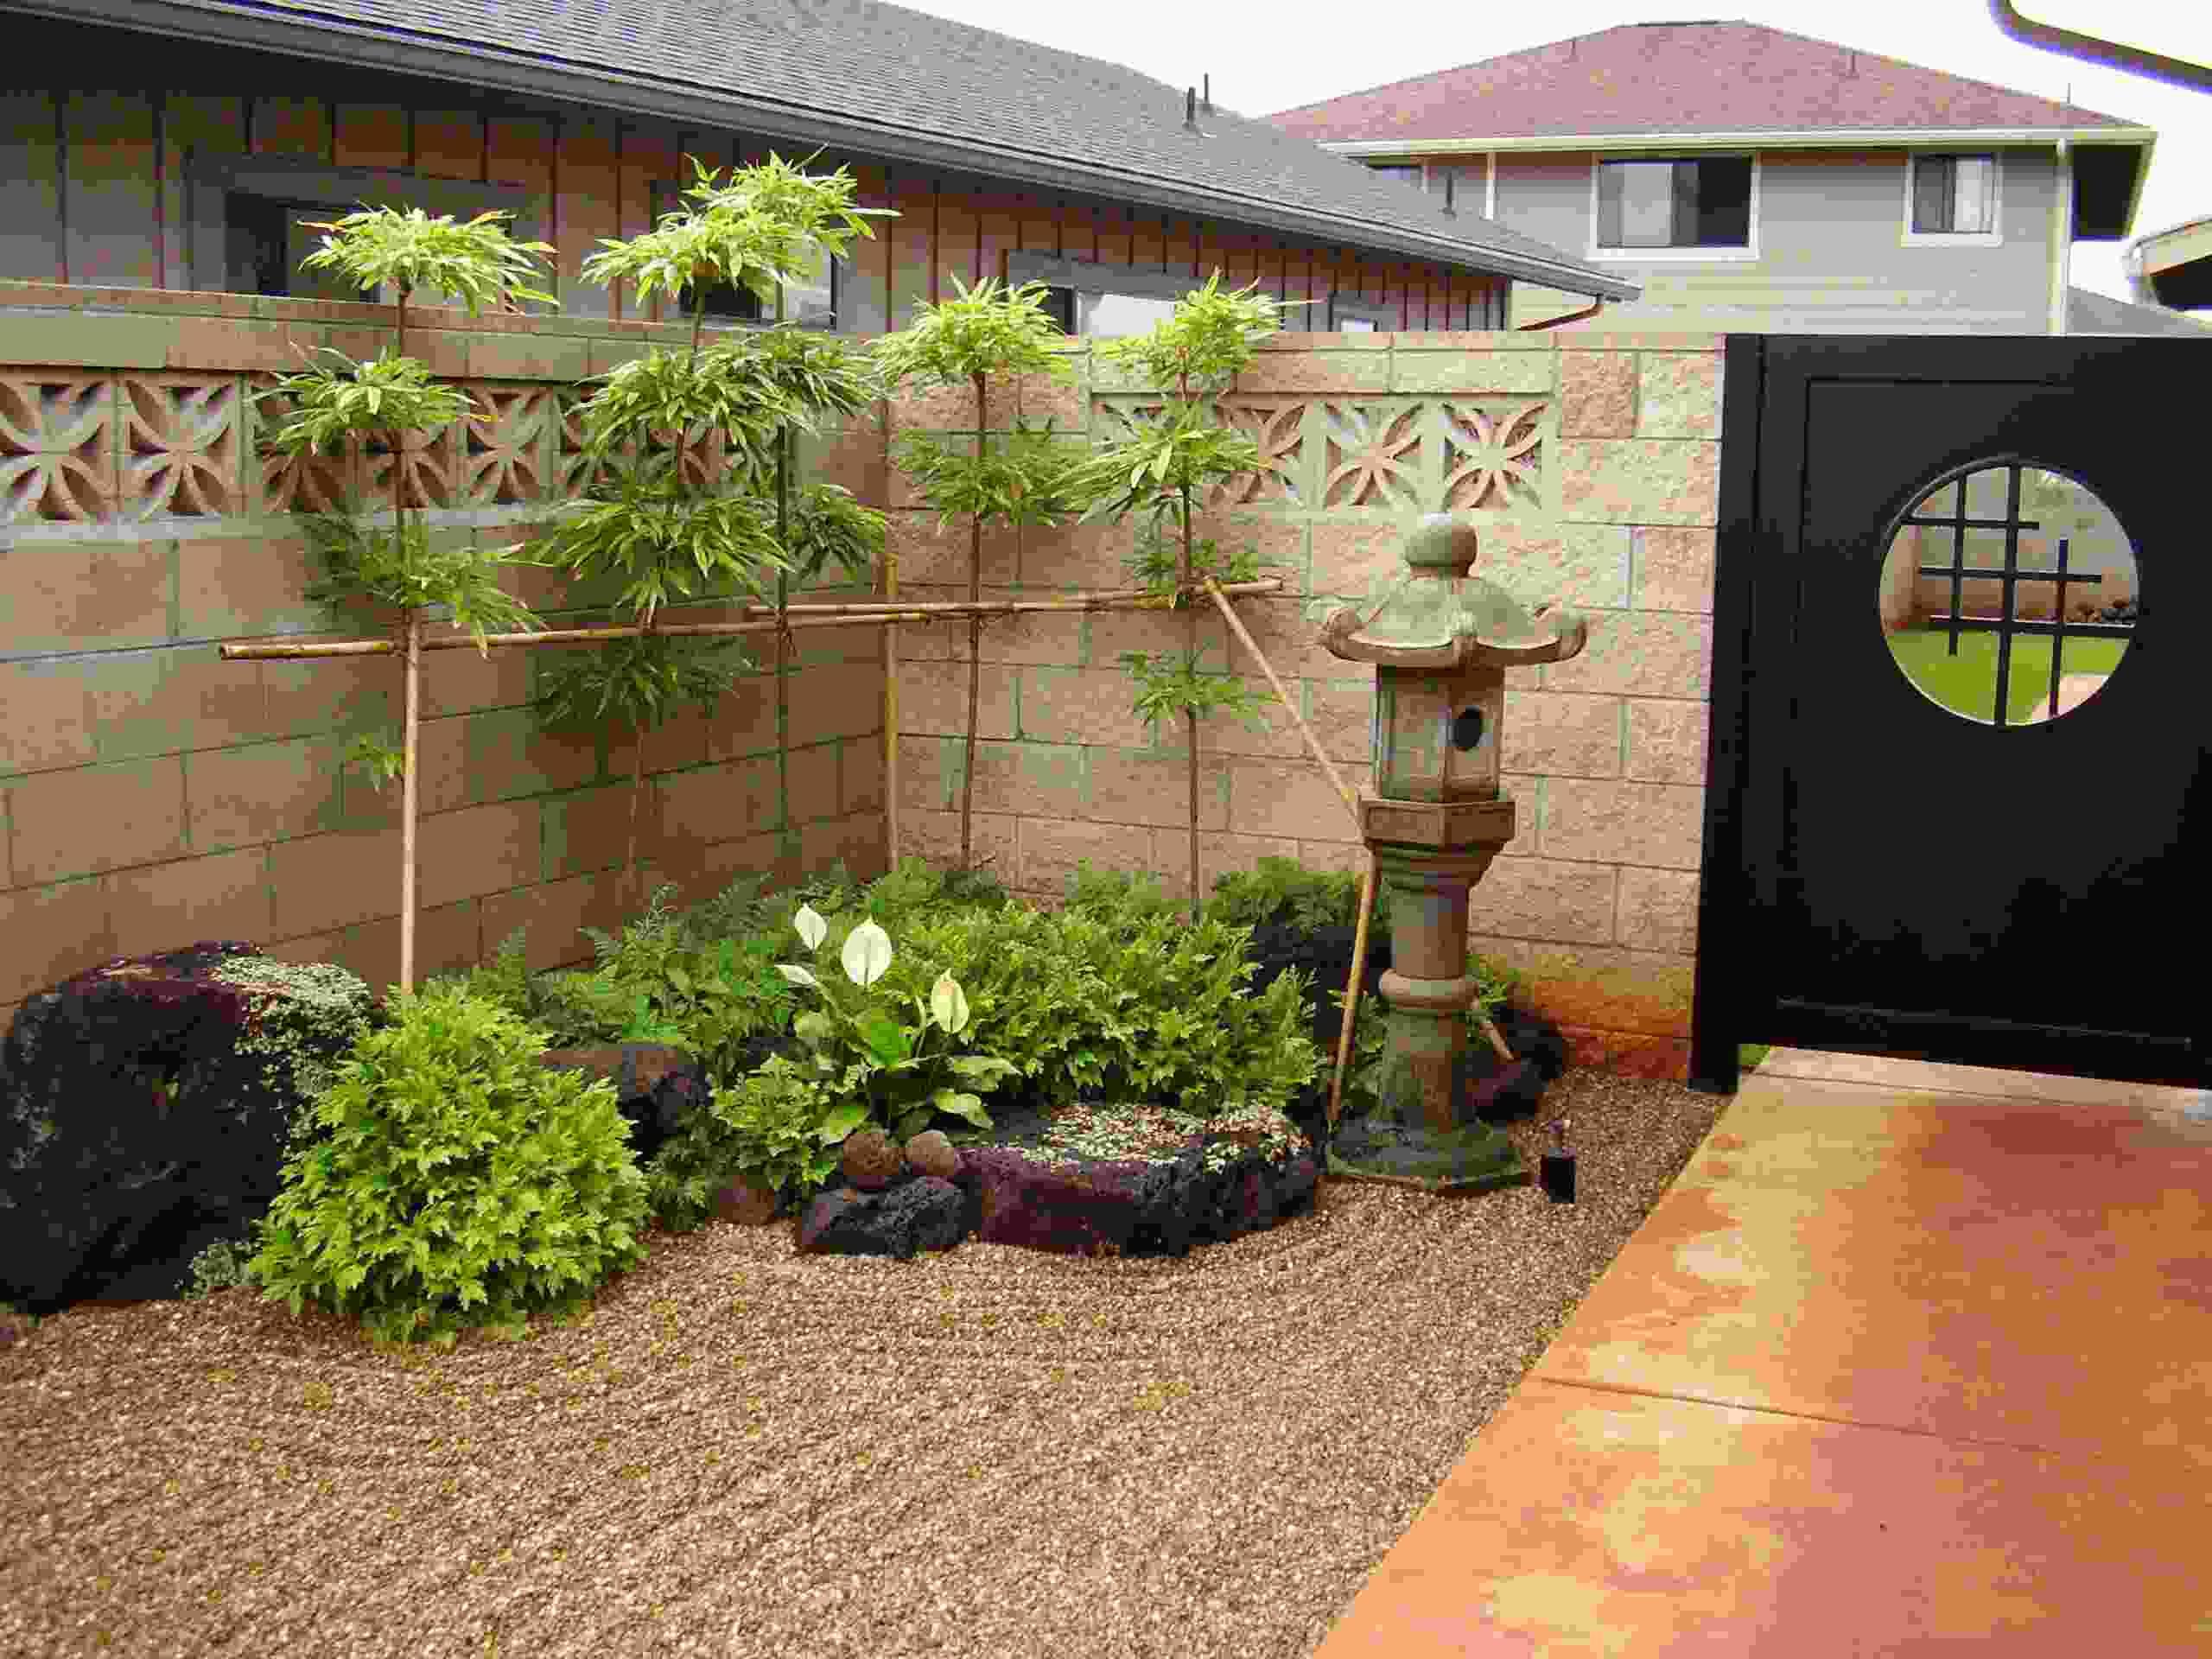 Planter Des Bambous Dans Son Jardin - Quelle Bonne Idée! tout Deco Jardin Bambou